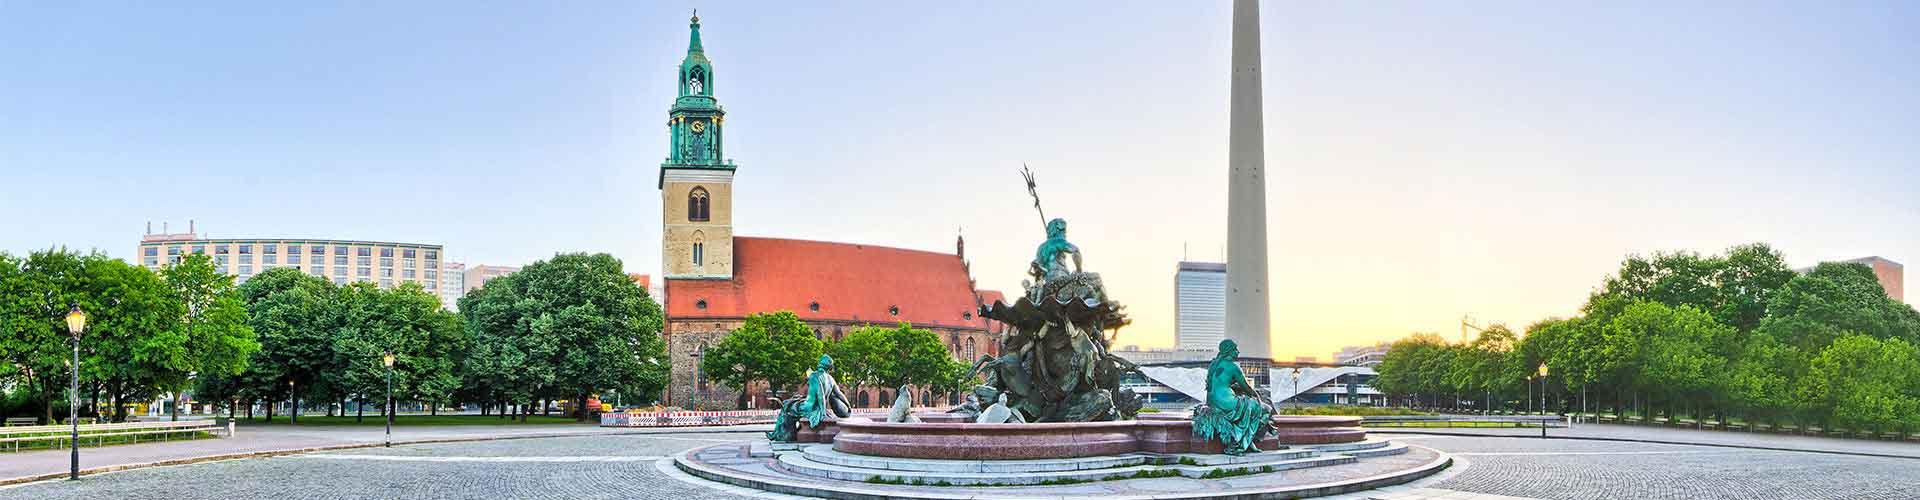 柏林 – 电视塔 附近的青年旅舍。柏林地图,柏林 所有青年旅馆的照片和评分。